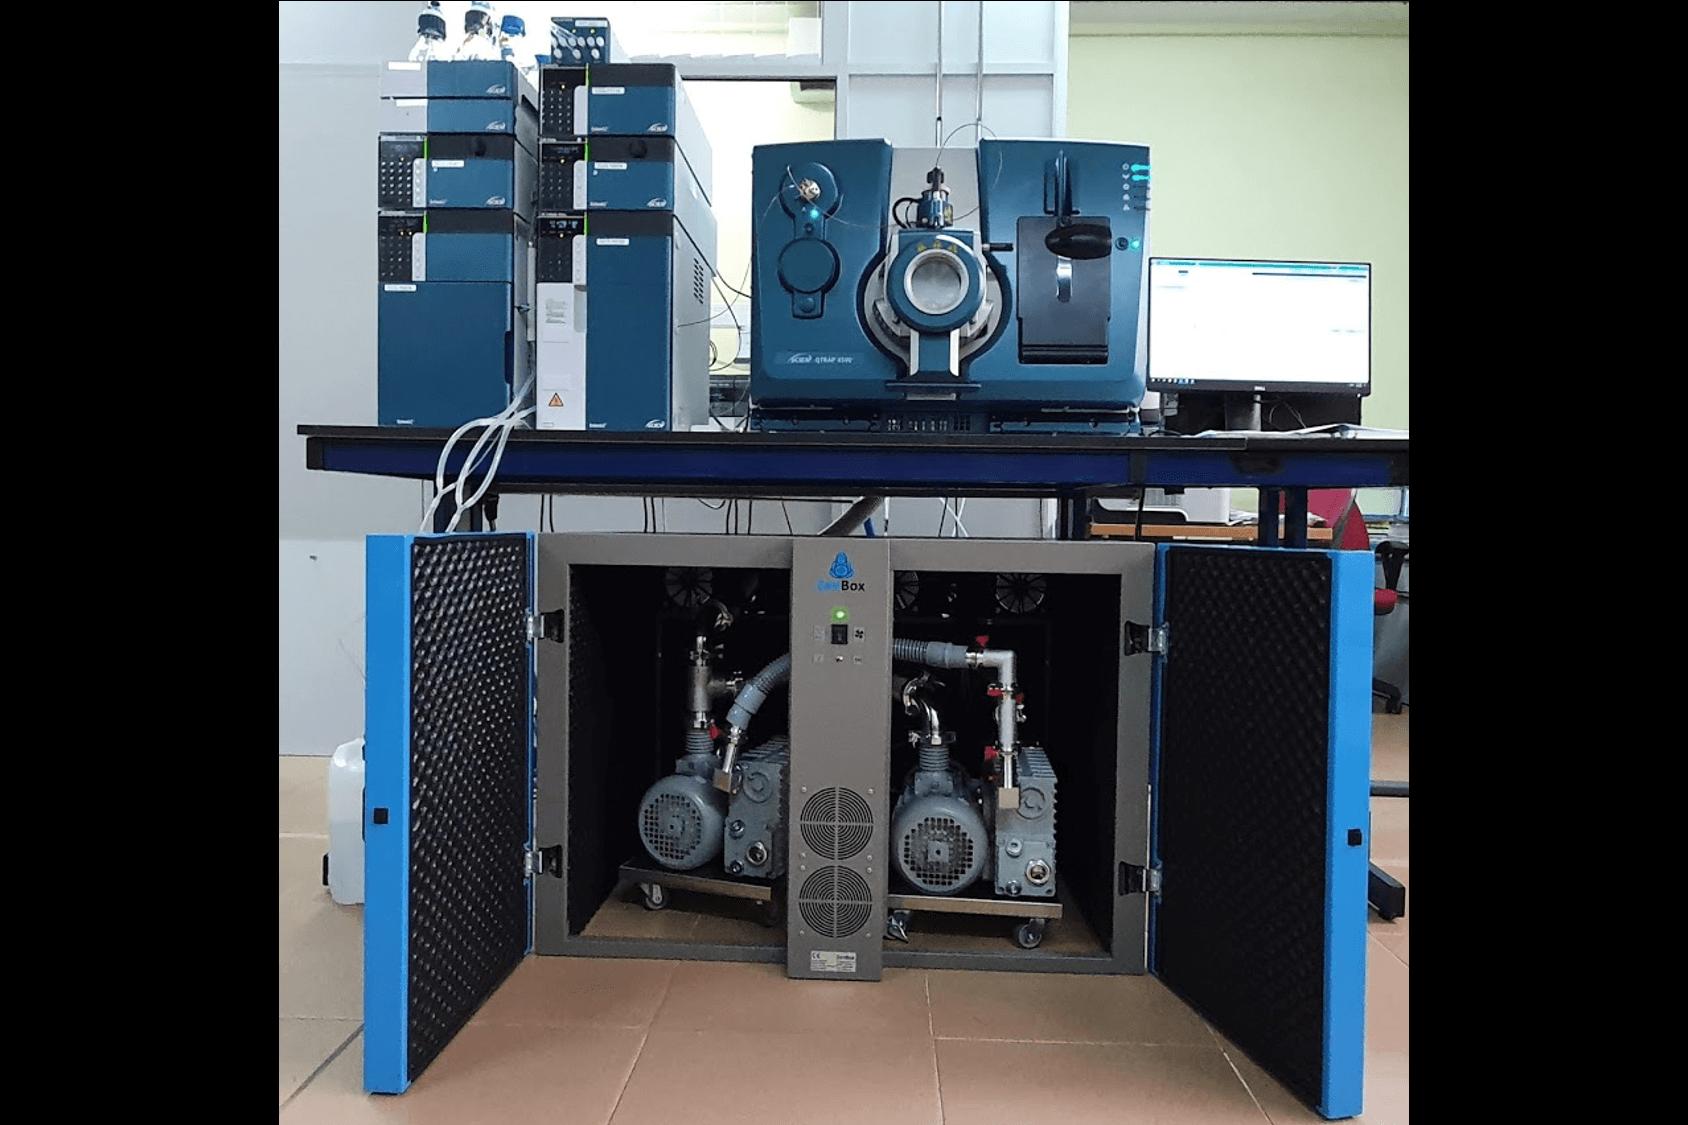 doble soundproof enclosure quiet for two ms40+ vacuum vane pumps absciex qtrap 6500 easy acces